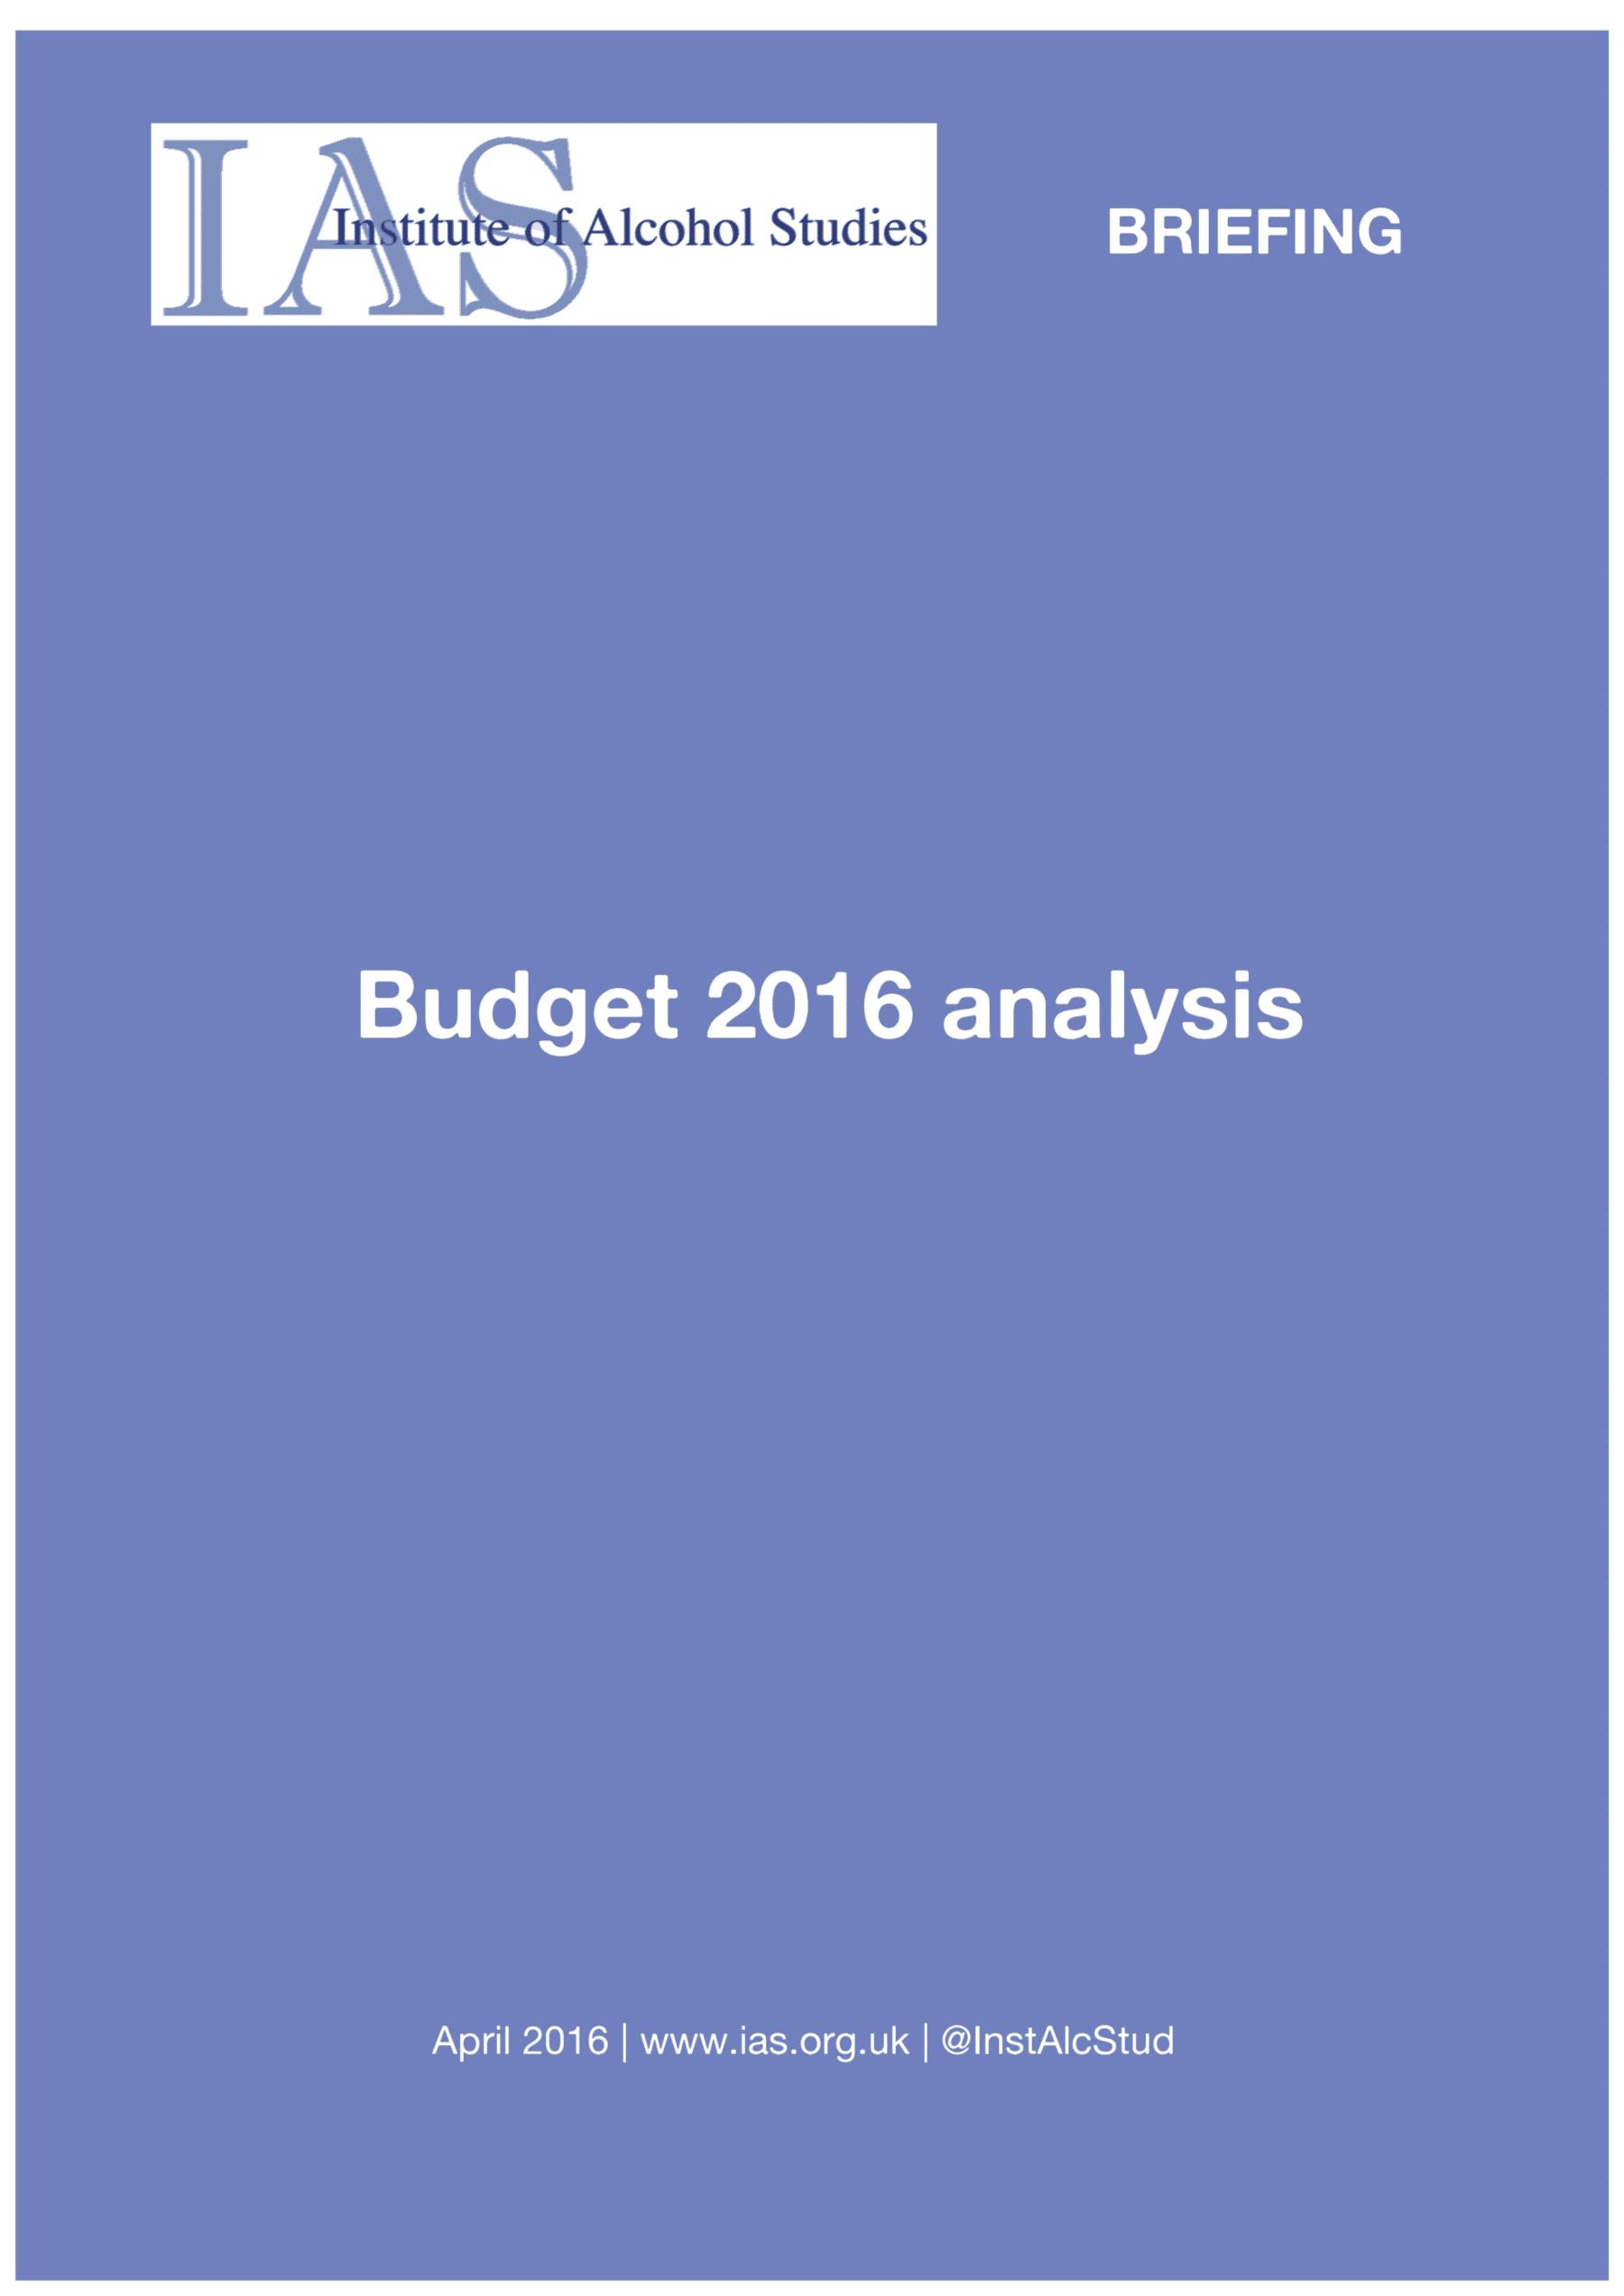 IAS Budget 2016 analysis